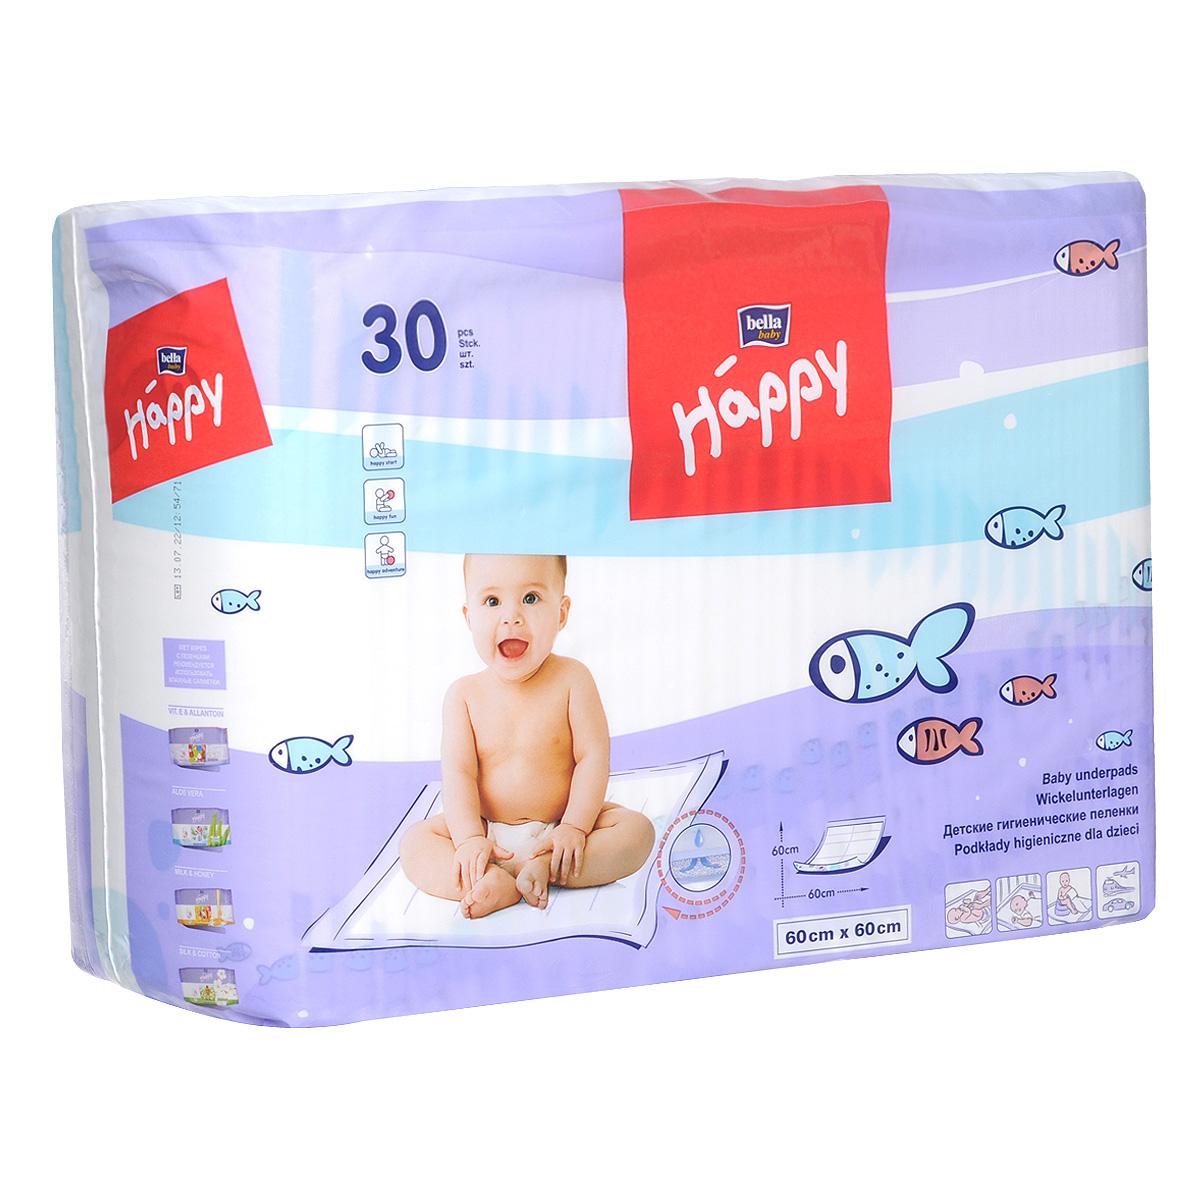 Bella Baby Happy Пеленки гигиенические, детские, 60 см x 60 см, 30 штBB-091-6030-001Пеленки Bella Baby Happy имеют нежный, приятый на ощупь верхний нетканый материал. Идеально подходят для защиты от загрязнений во время смены подгузника. Незаменимы во время прогулки или в путешествии. Идеально подойдут для защиты постельного белья в кровати вашего крохи или во время процедур по уходу после купания. Если пеленка не запачкается, то возможно ее повторное использование. В комплект входят 30 пеленок размером 60 см х 60 см.